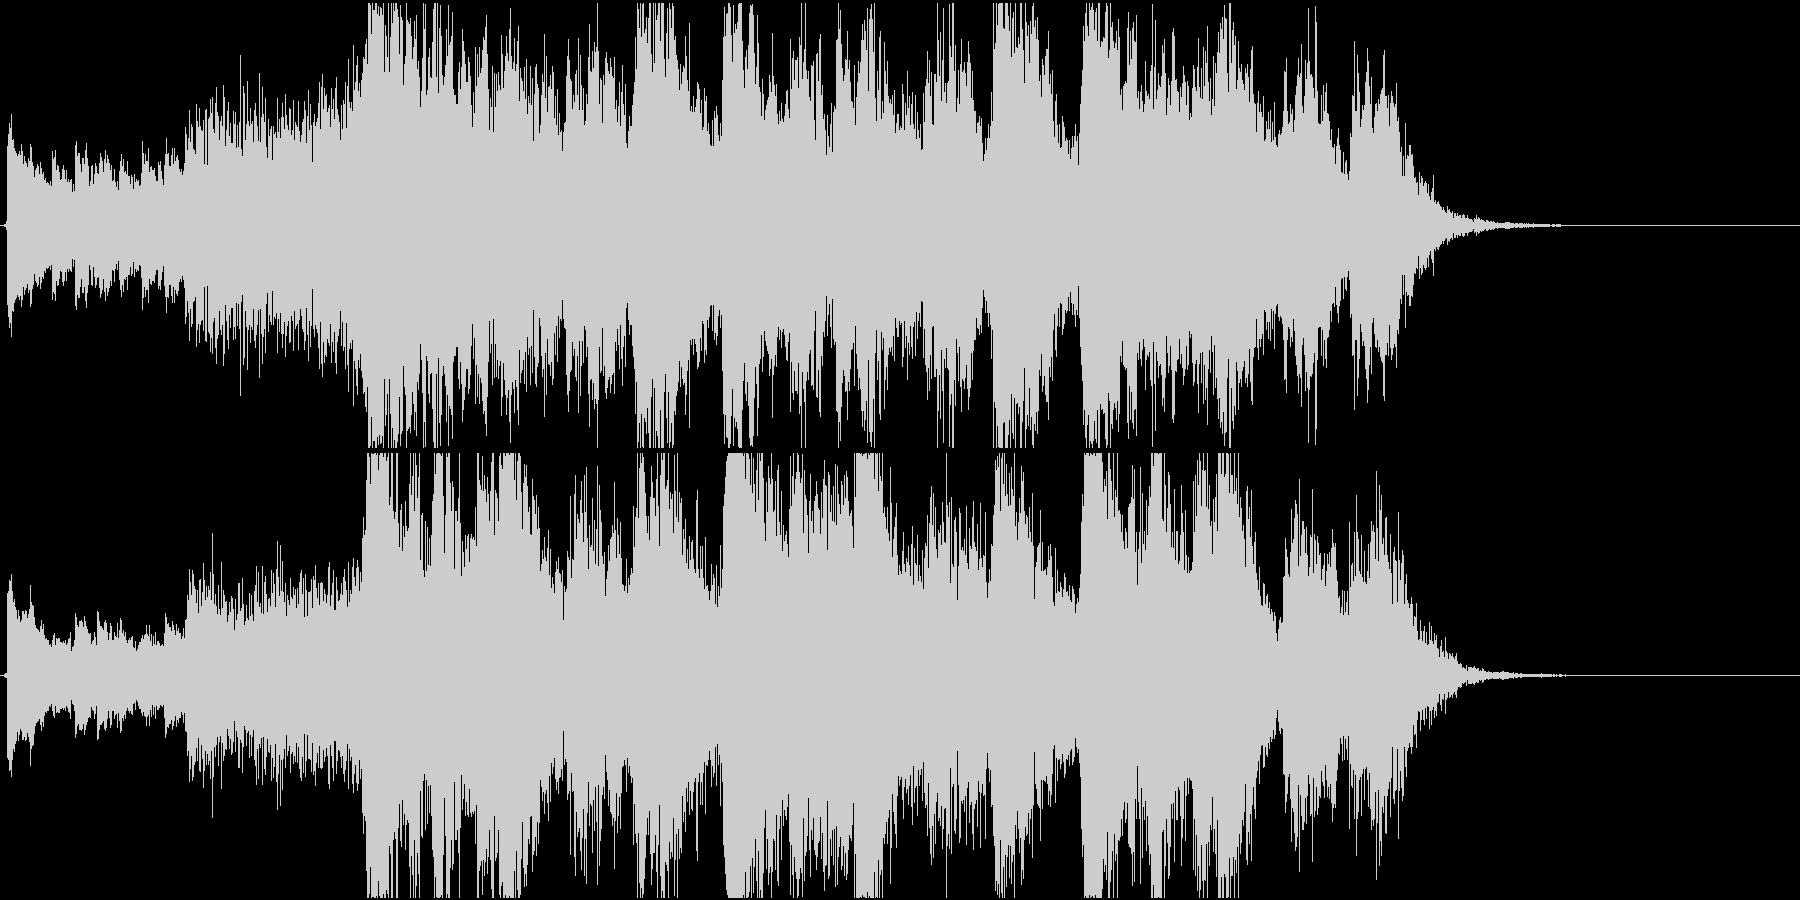 静かなピアノから壮大なオケ③15秒版の未再生の波形